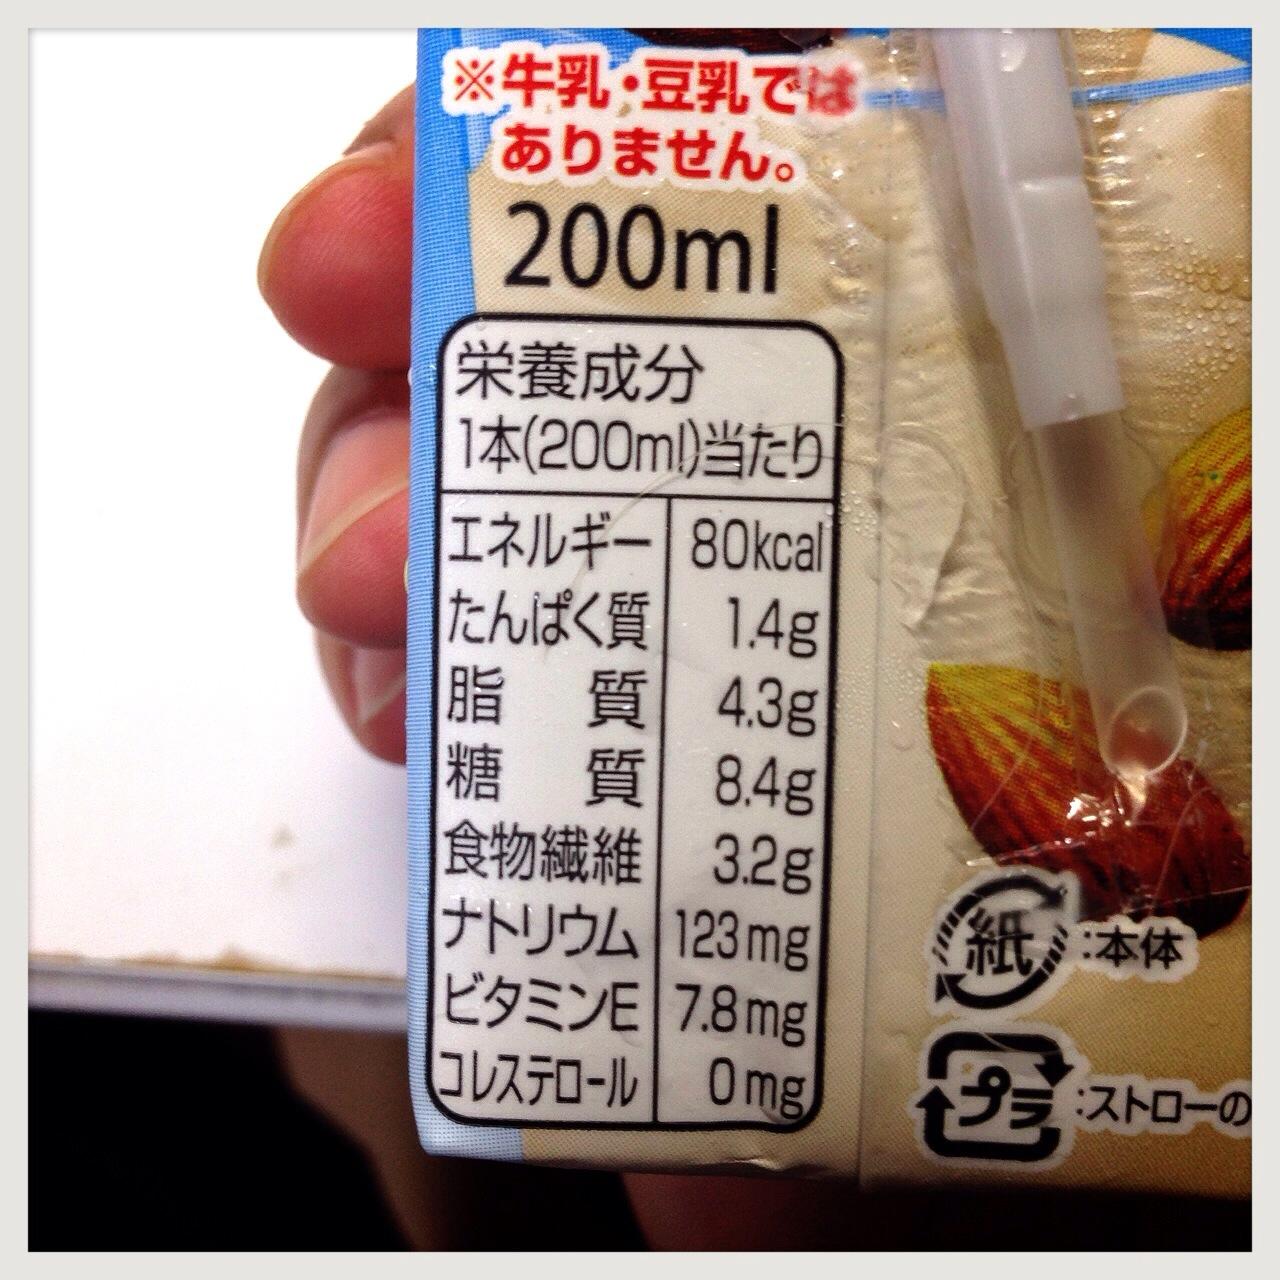 【美容効果ドリンク】話題の『アーモンドミルク』を飲み比べてみた。